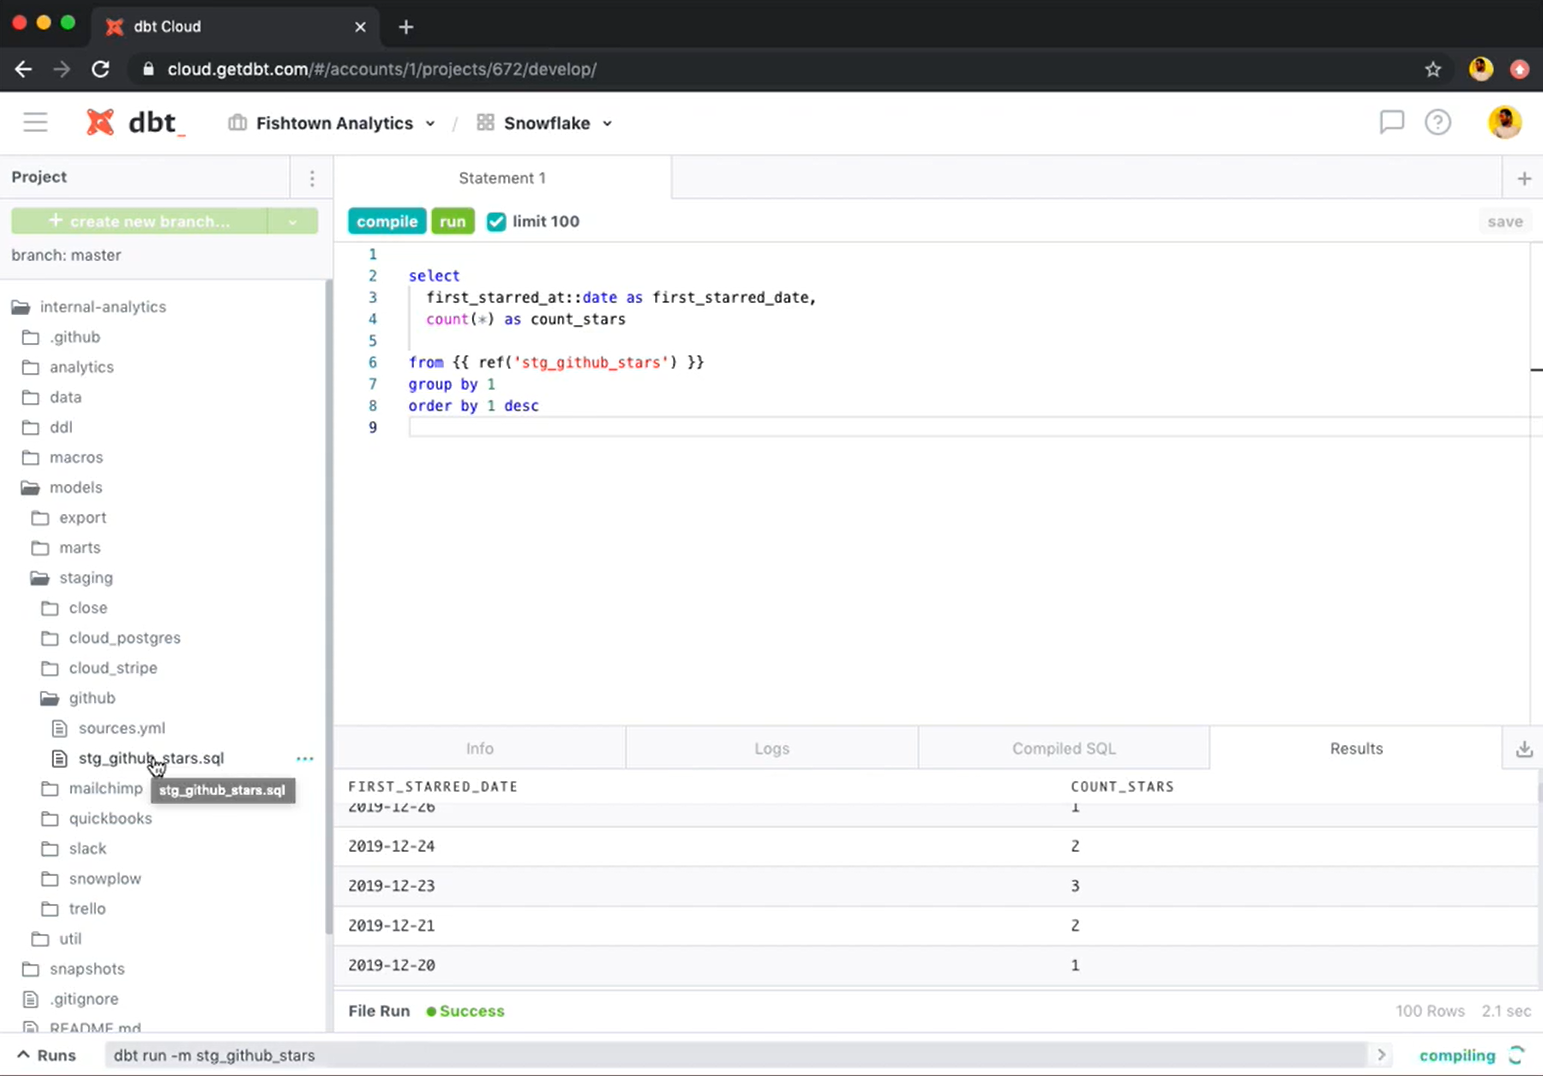 Exemplo tela da ferramenta dbt.